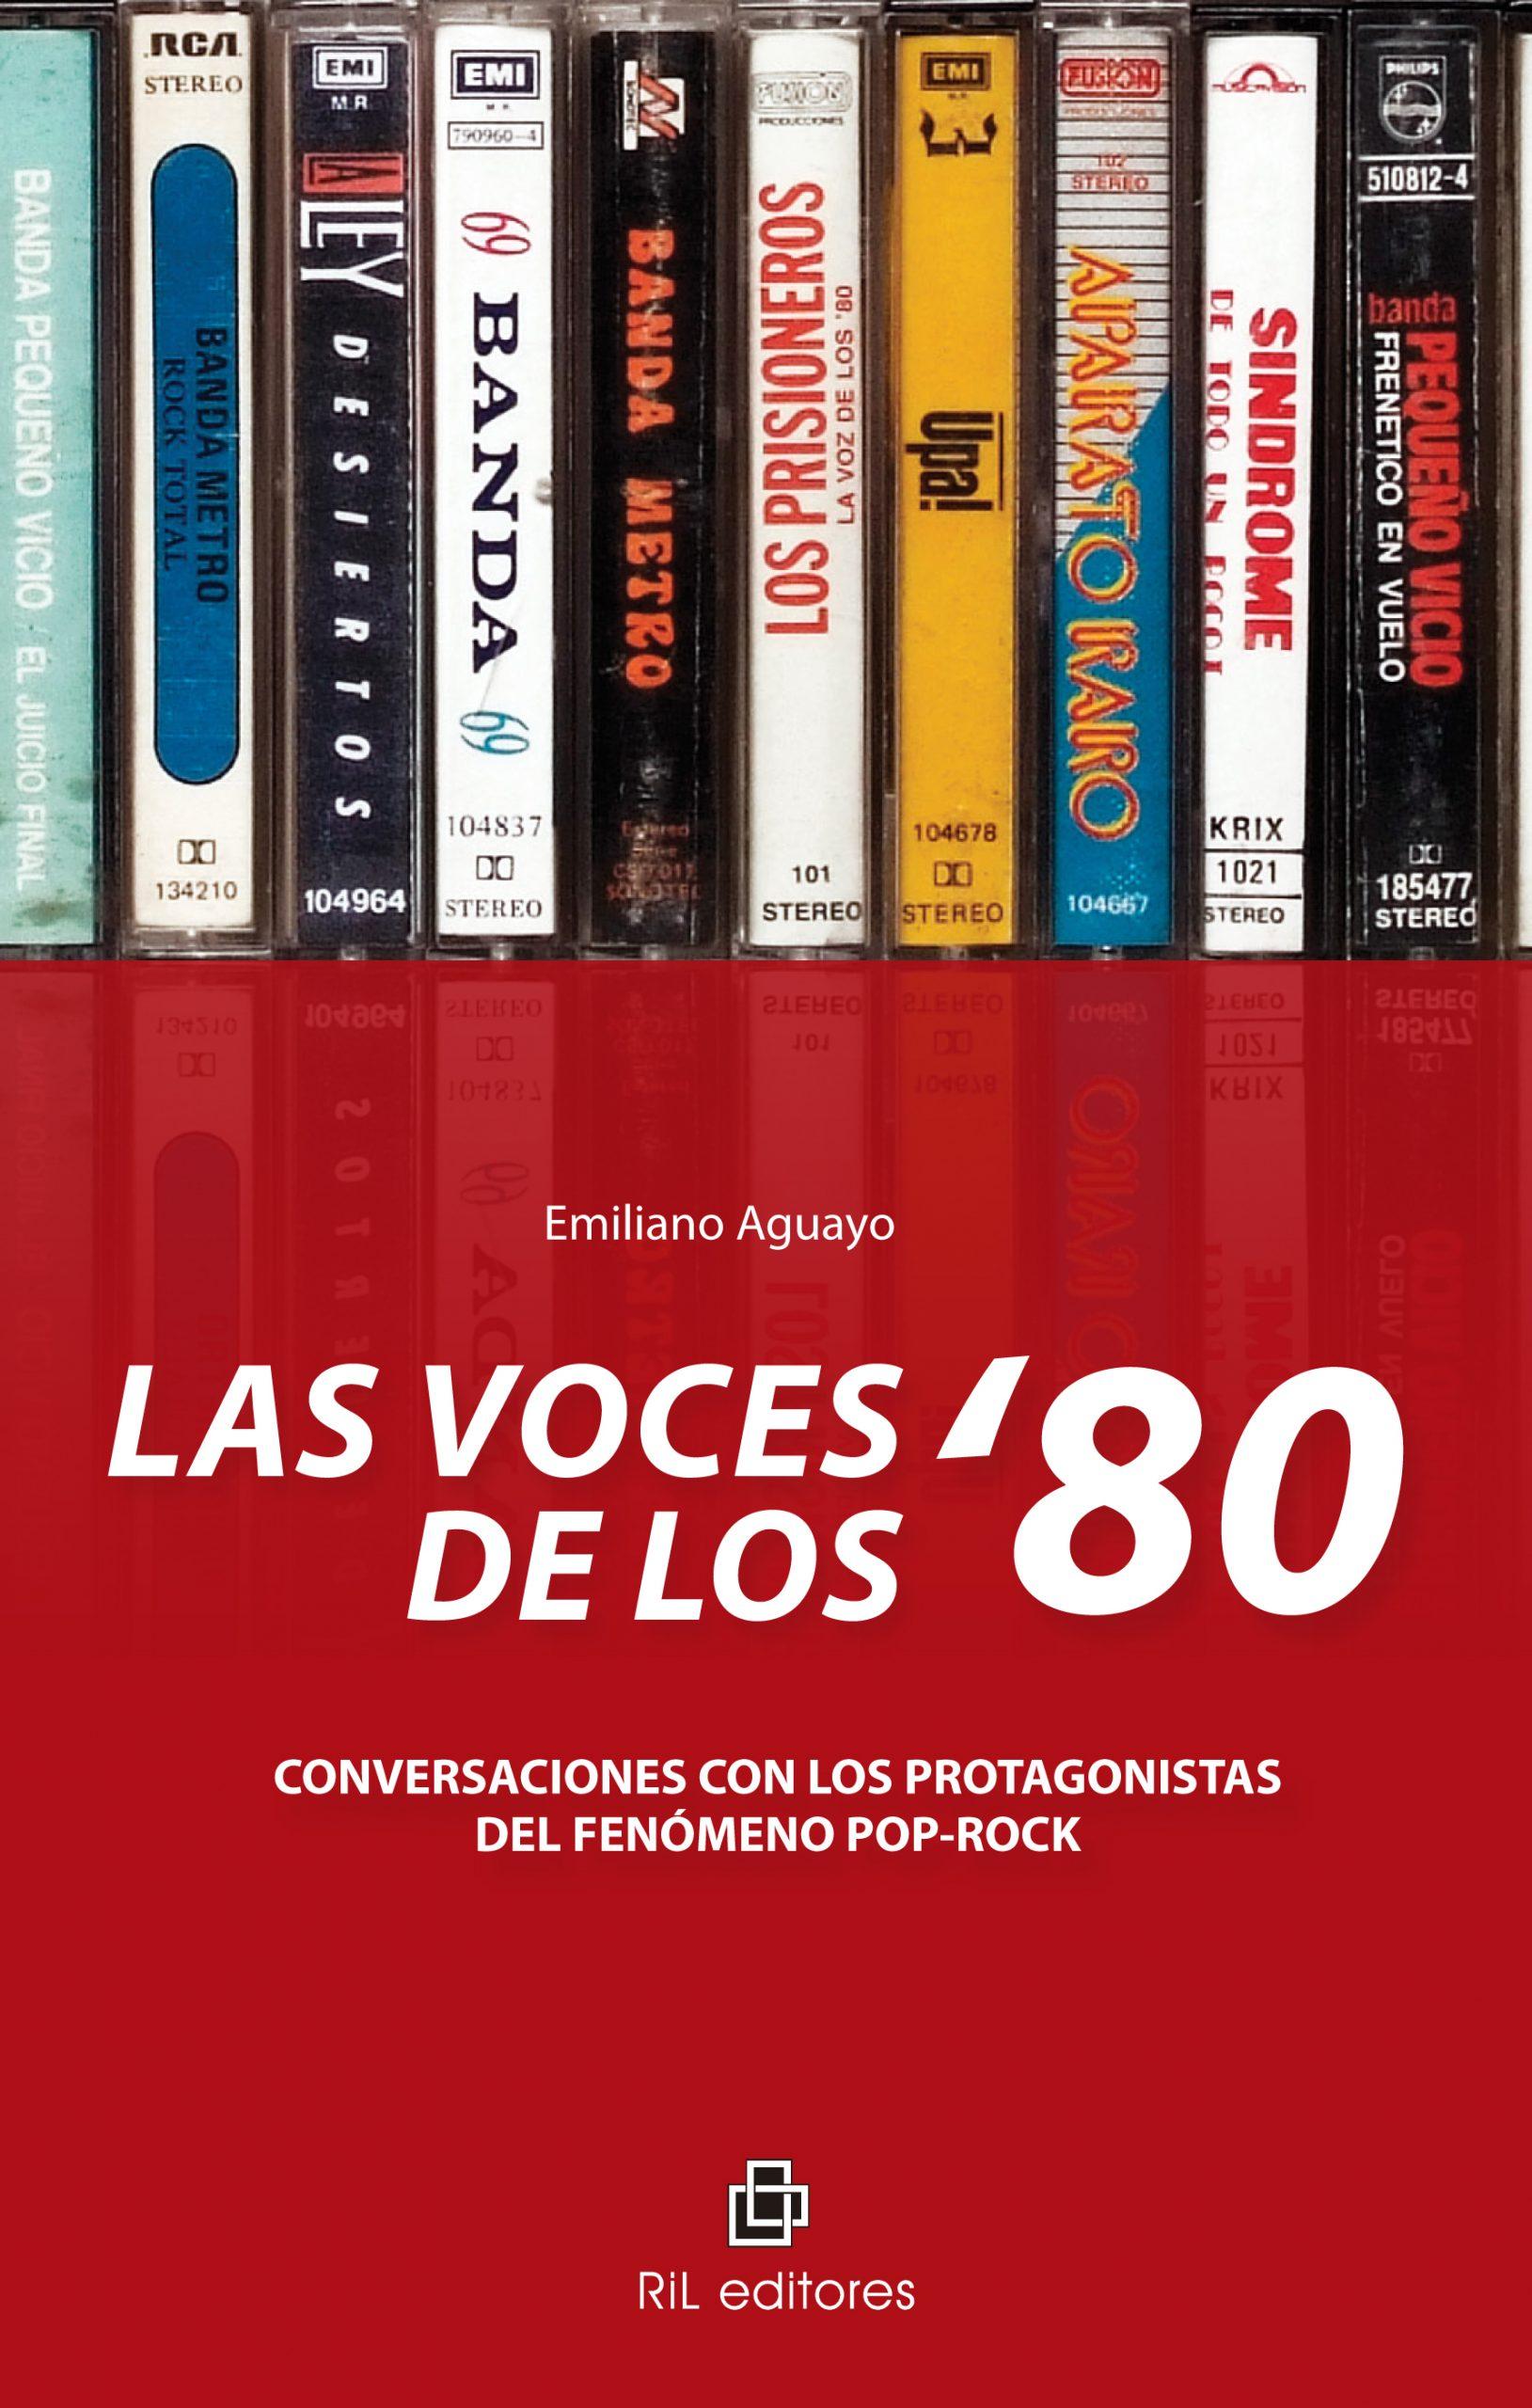 Las voces de los '80: conversaciones con los protagonistas del fenómeno pop-rock 1